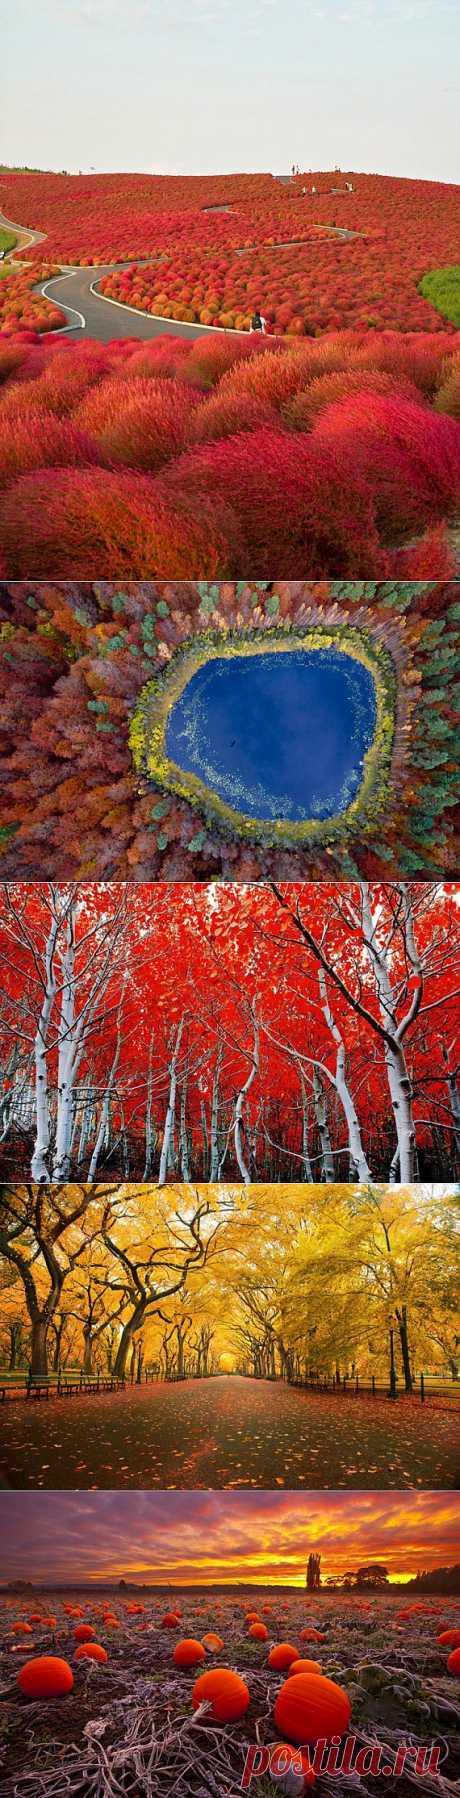 (+1) тема - Яркие осенние фотографии | ТУРИЗМ И ОТДЫХ